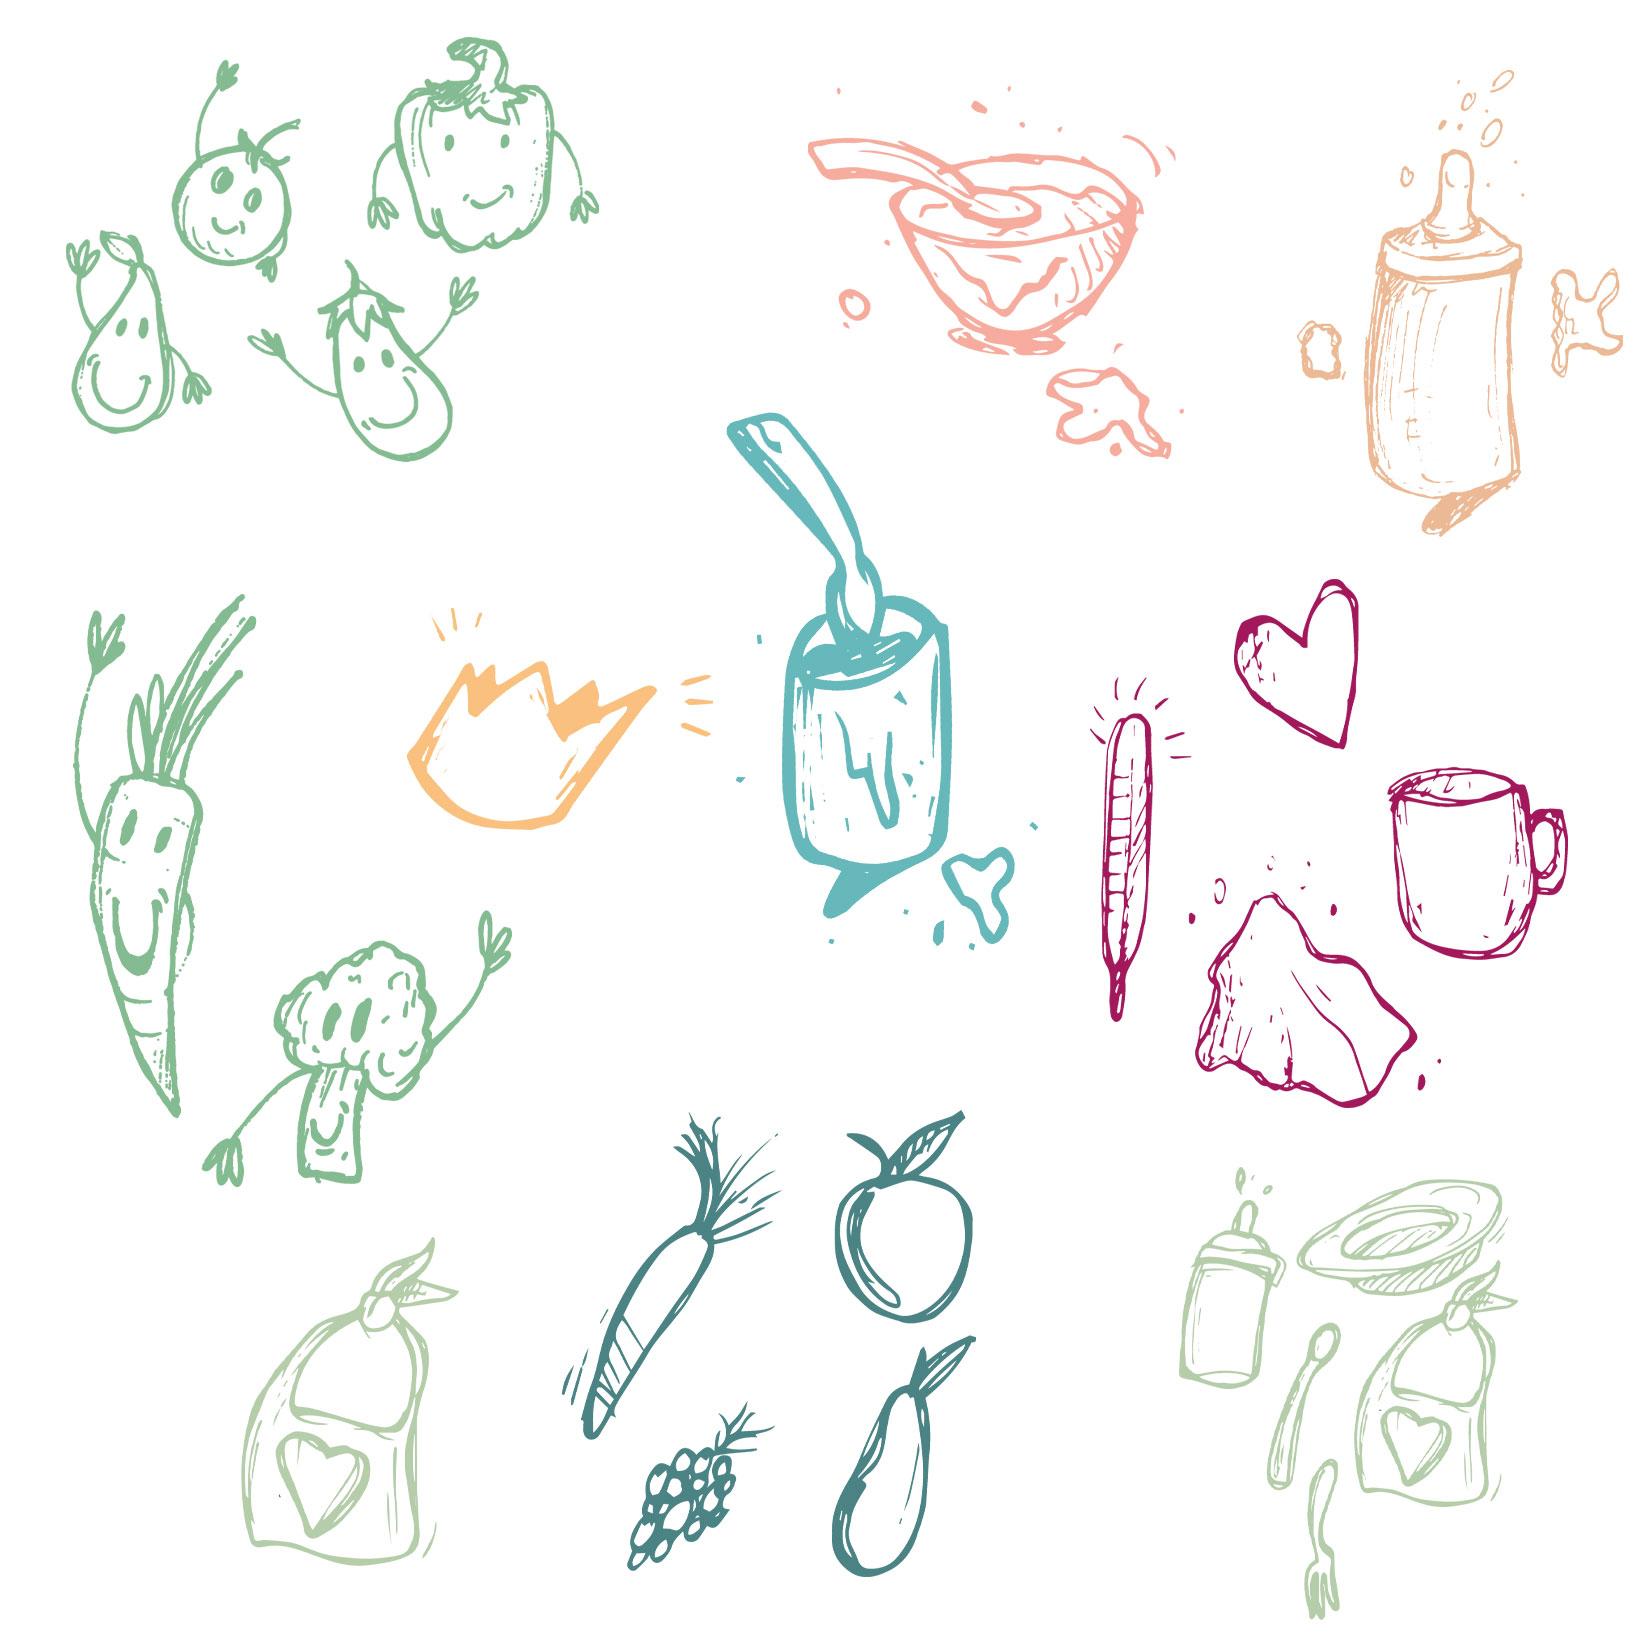 Verspielte Illustrationen, handgemacht passend zum e-Book babywalz